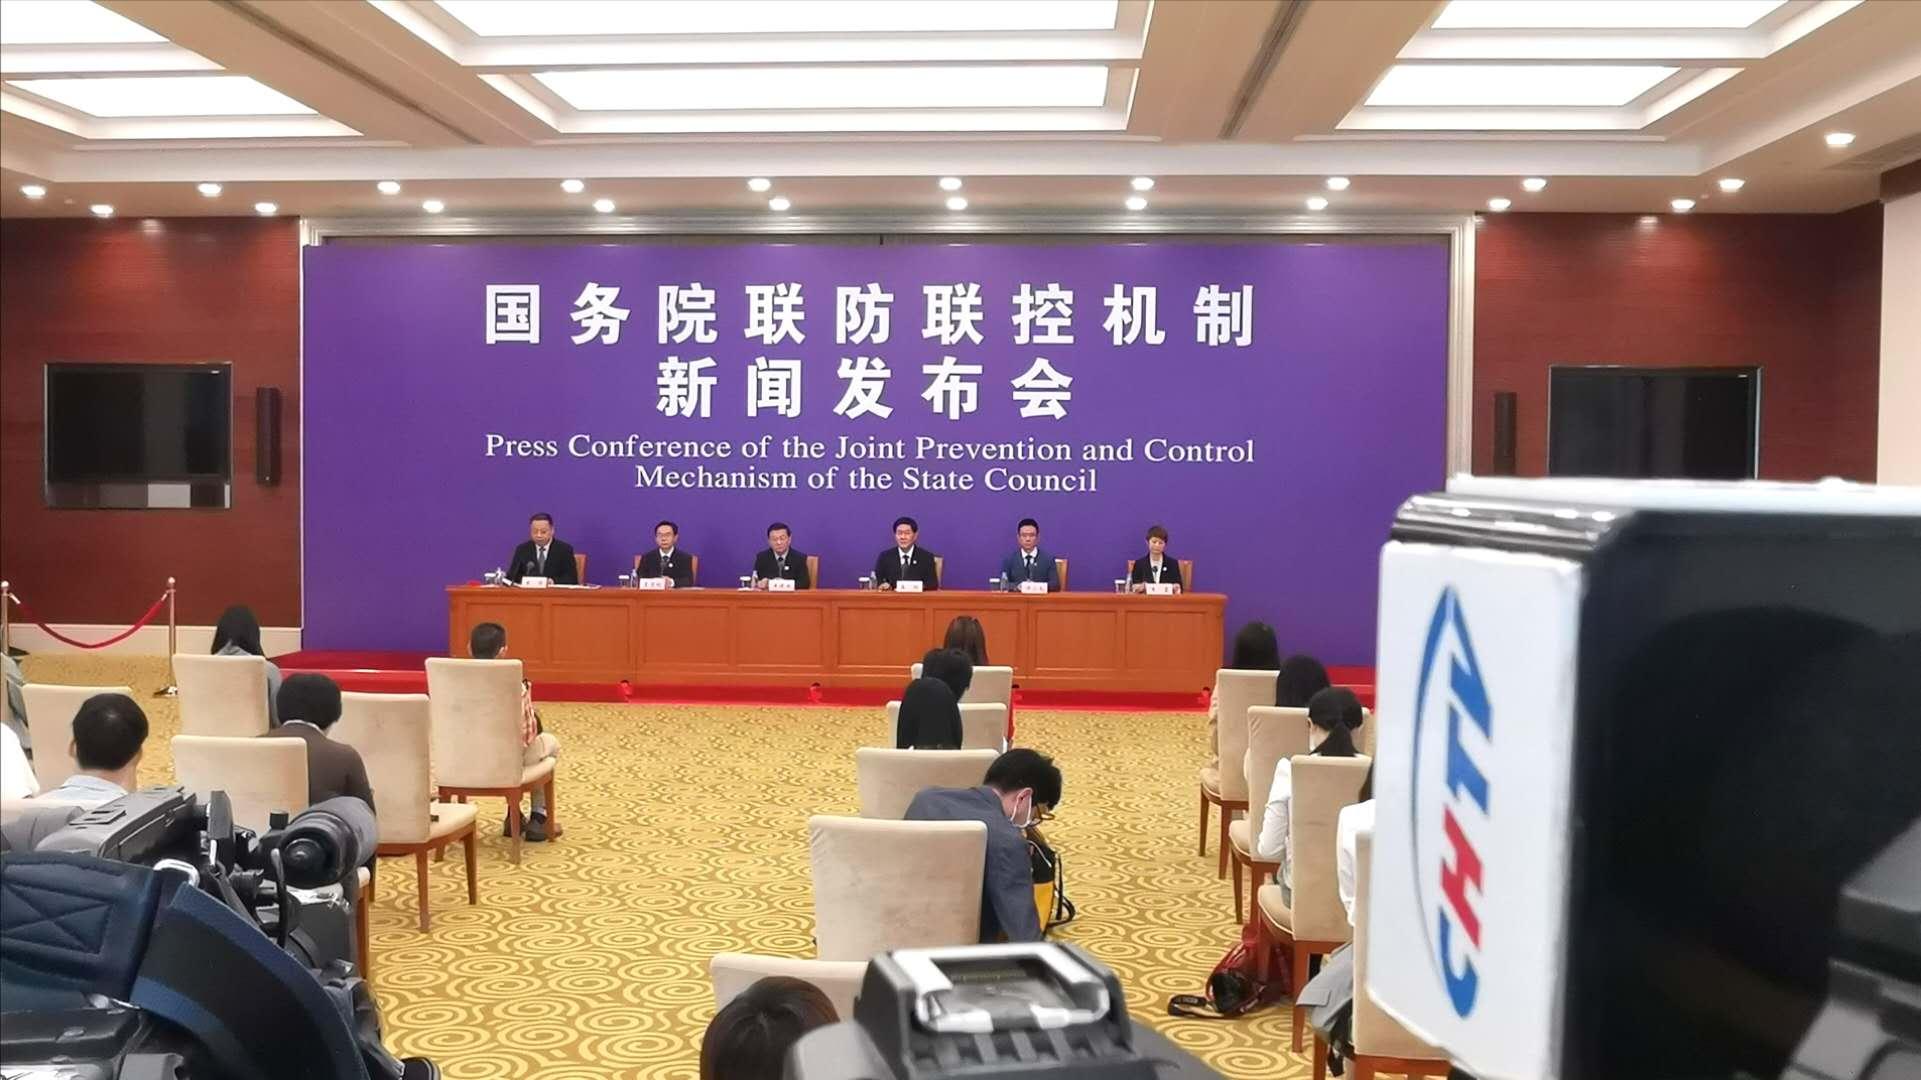 国务院联防联控机制就北京医院援鄂医疗队讲述抗击疫情故事举行发布会